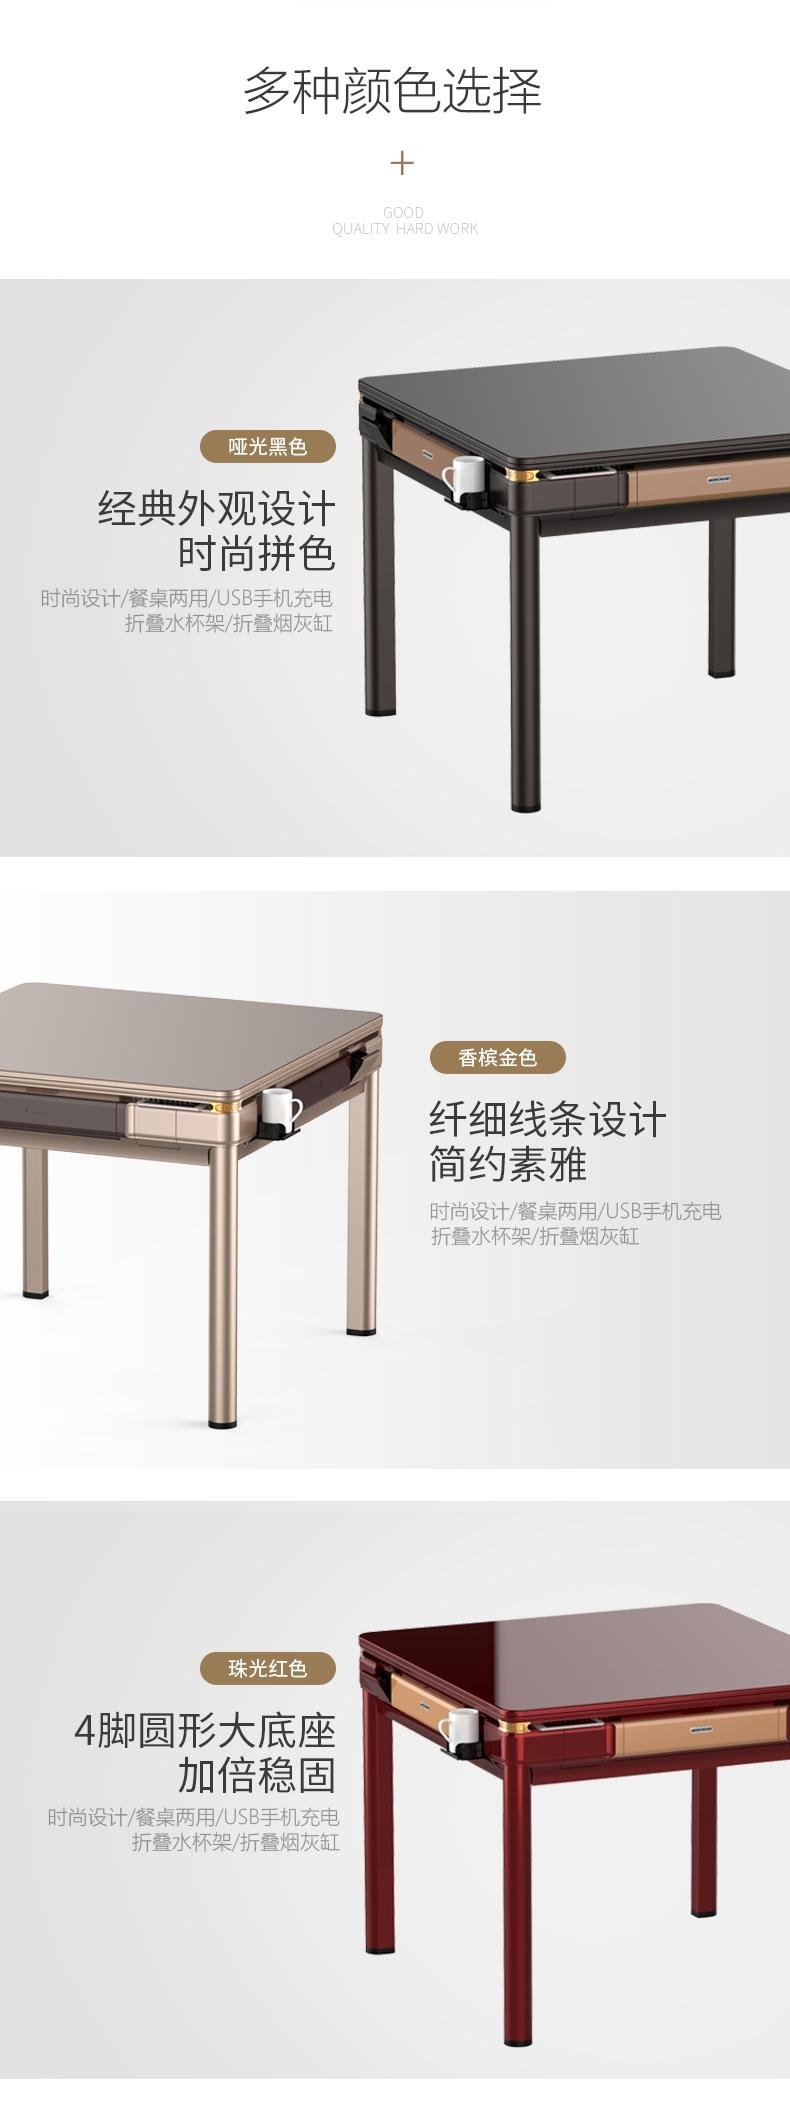 铁军堂全自动静音麻将机餐桌两用麻将桌家用新款四口全自动麻将机详细照片